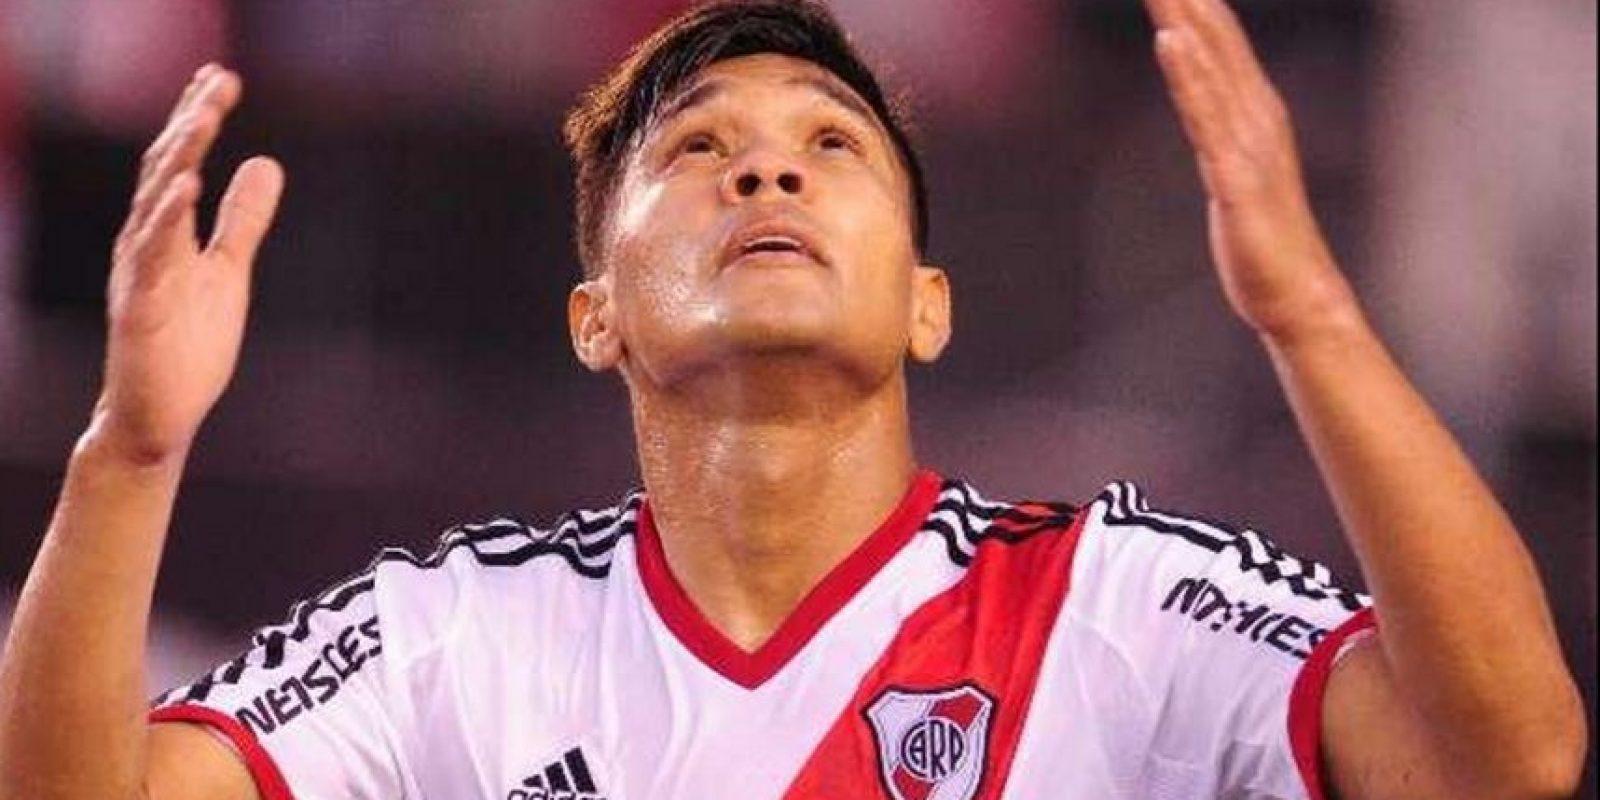 El colombiano Teófilo Gutiérrez acompañará a Mora Foto:Vía twitter.com/CARPoficial